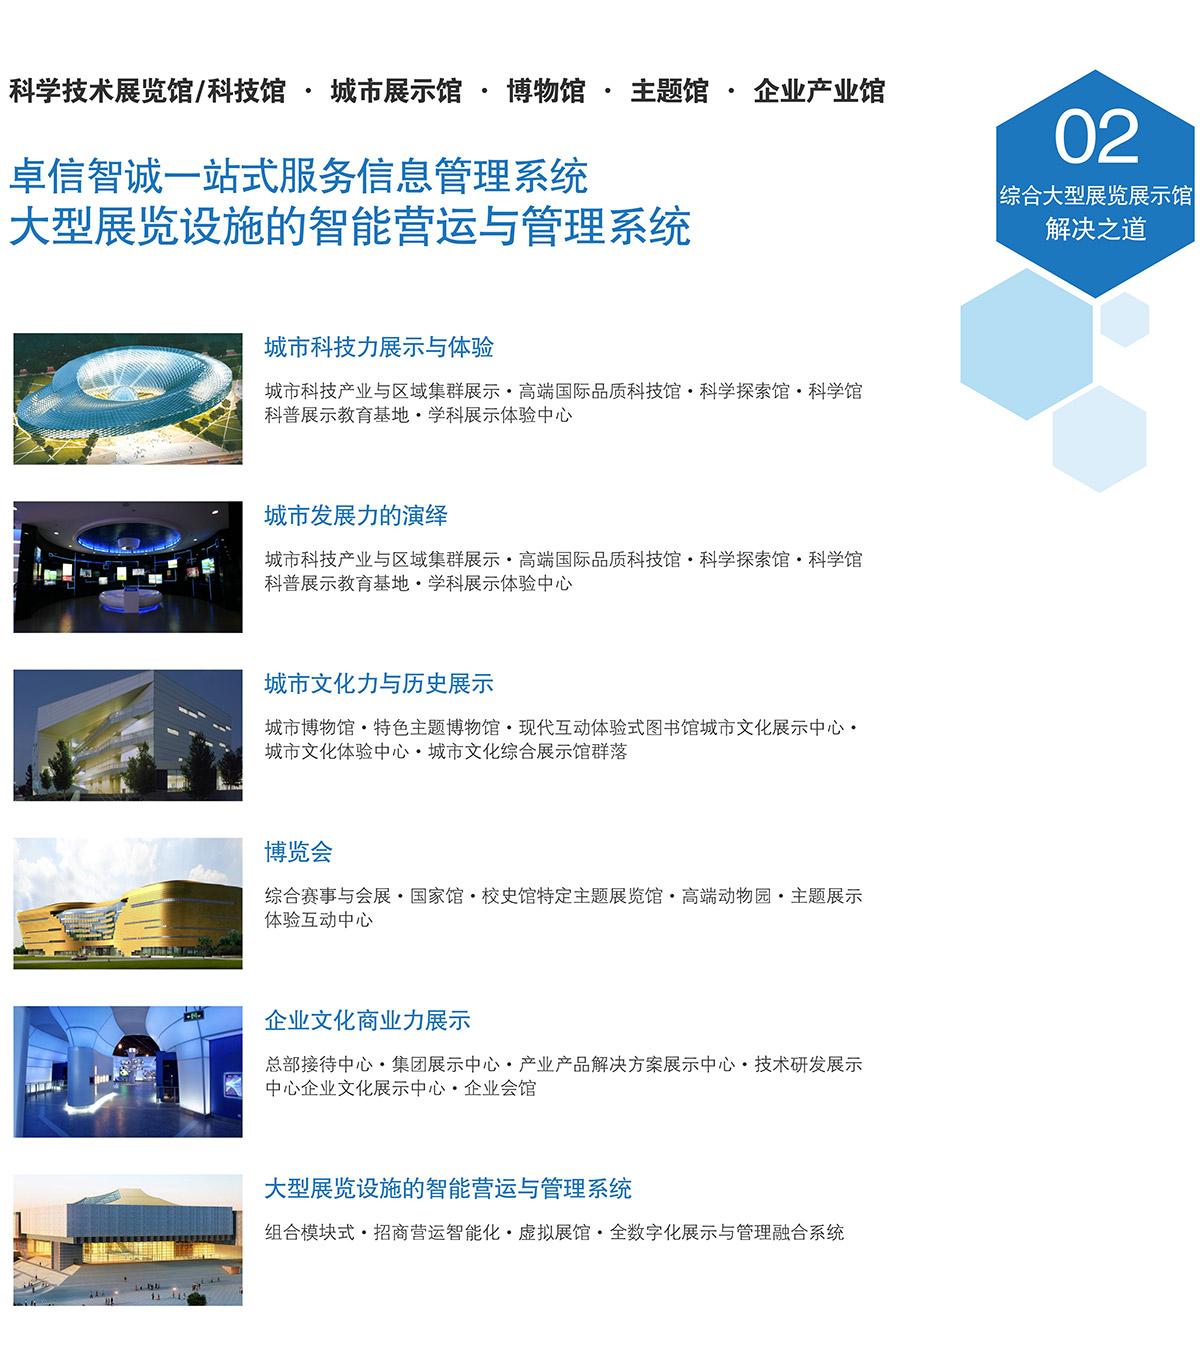 虚拟仿真综合大型展览展示馆解决之道.jpg